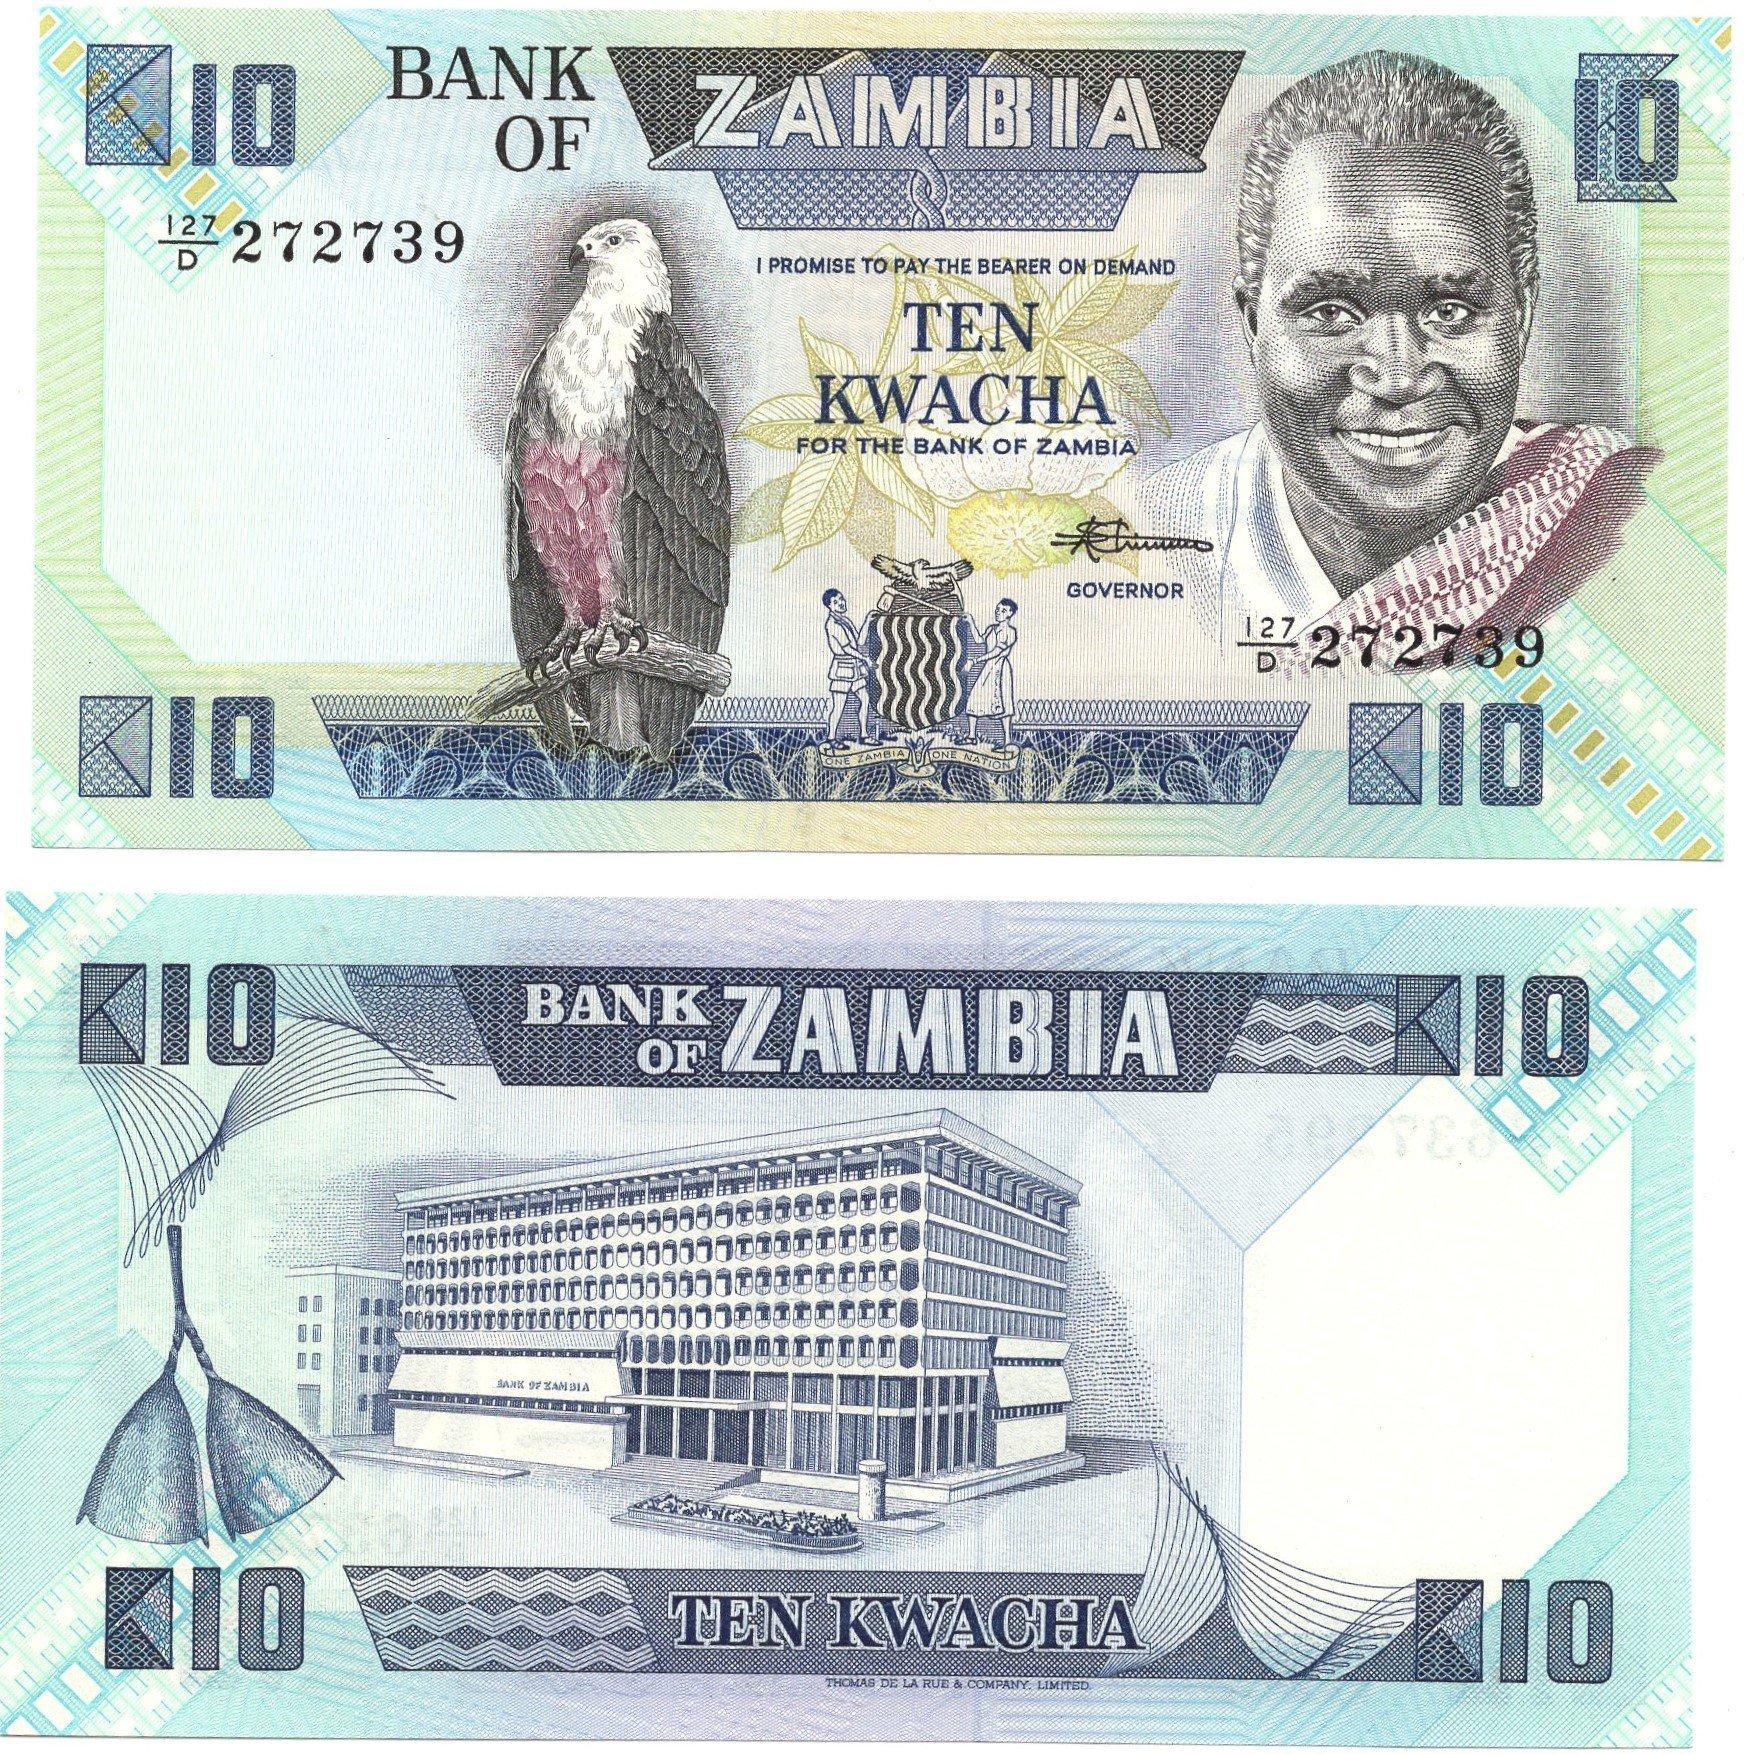 Zambia 10 kwacha banknote for sale